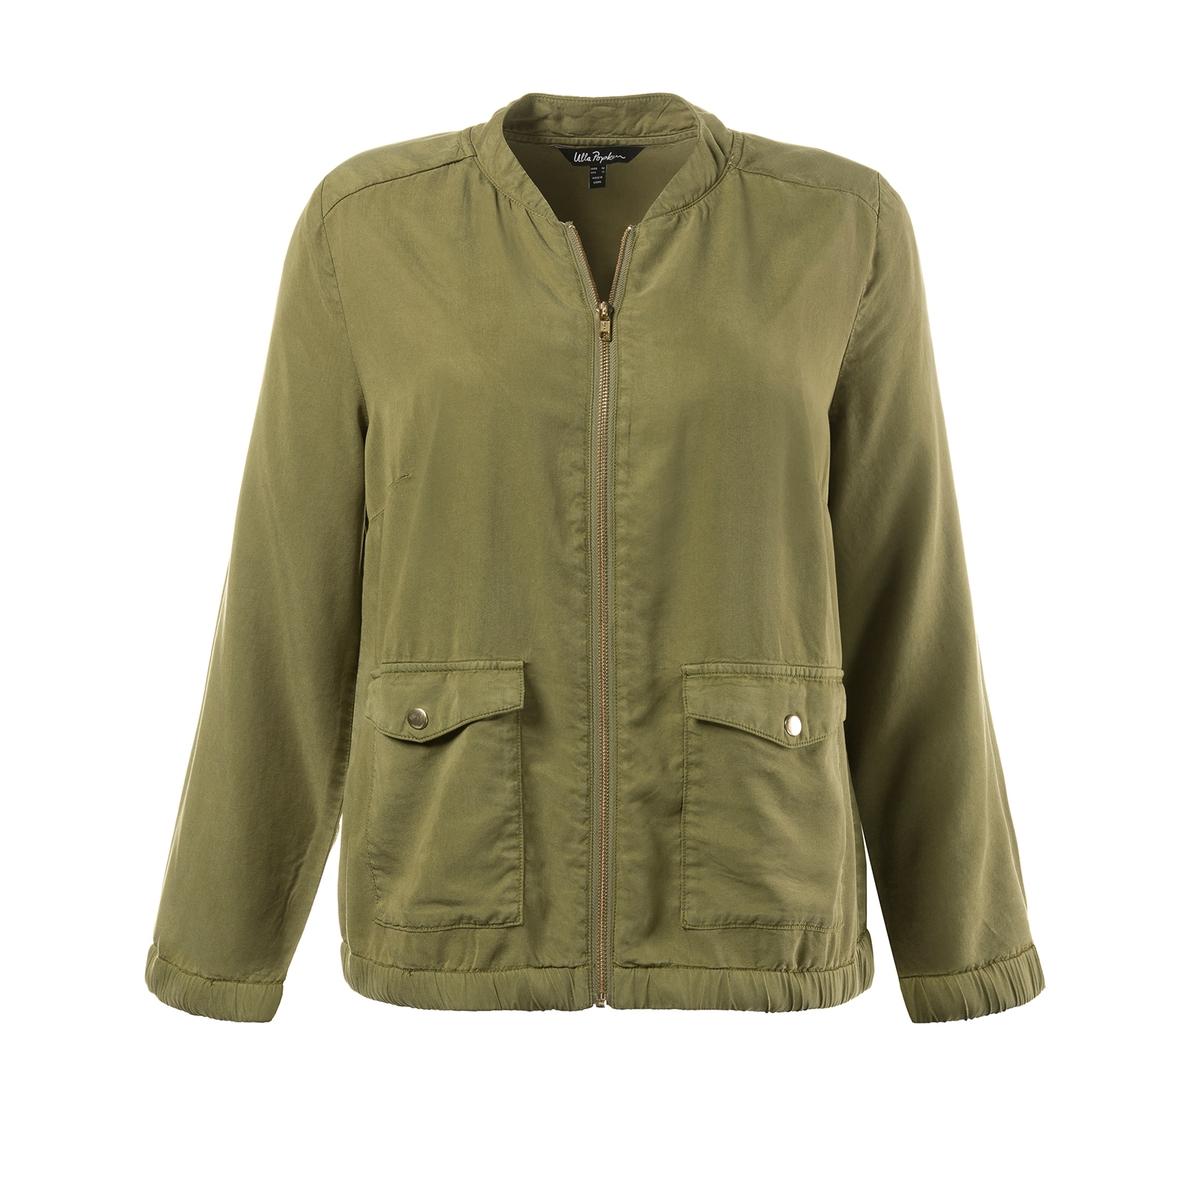 БлузонБлузон ULLA POPKEN. Застежка на молнию, 2 накладных кармана, длинные рукава. Эластичные края. 100% тенсел. Длина в зависимости от размера. 64-74 см<br><br>Цвет: хаки